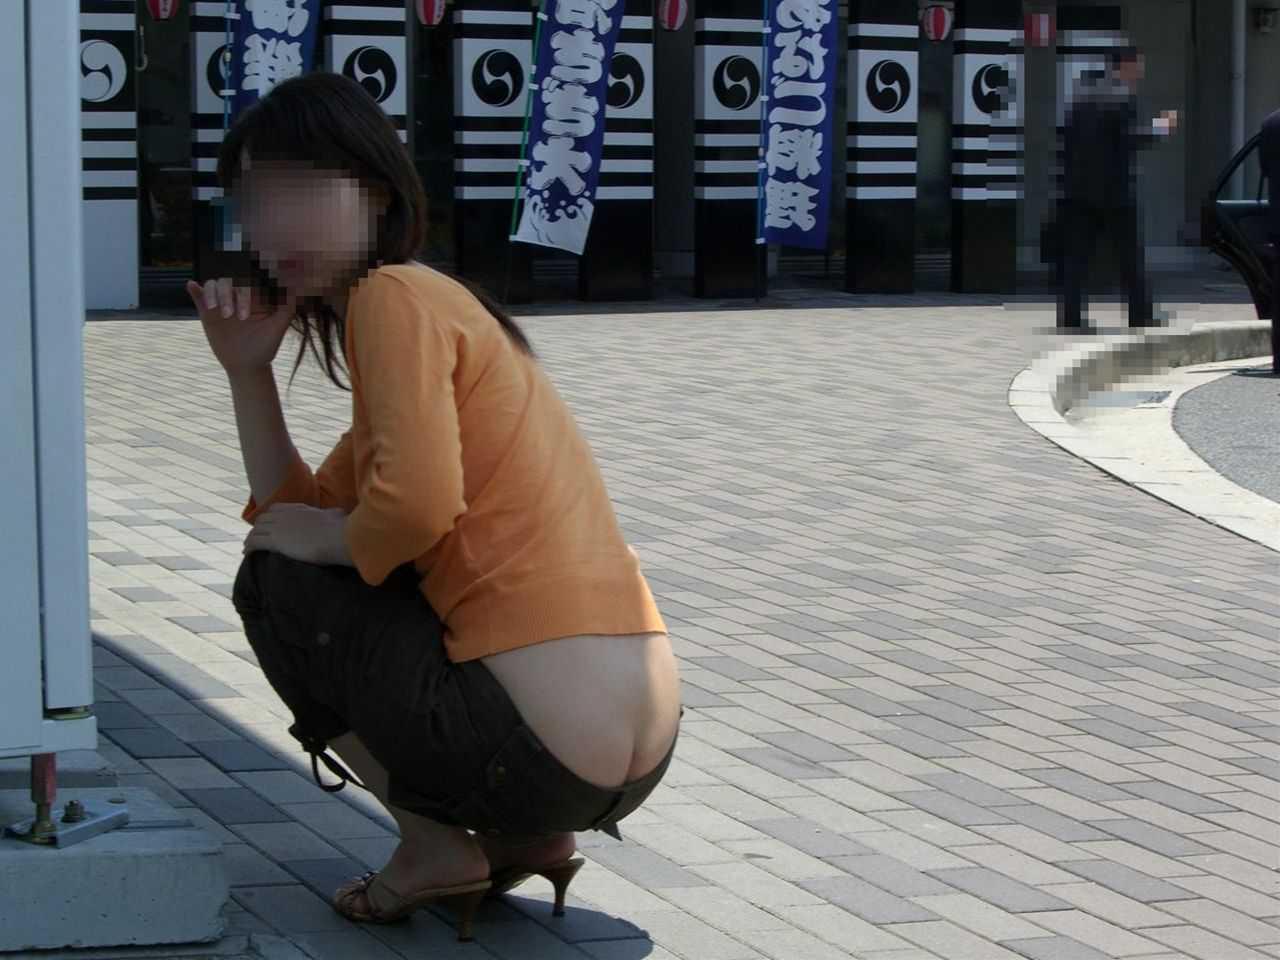 下着や尻が見えてる (8)